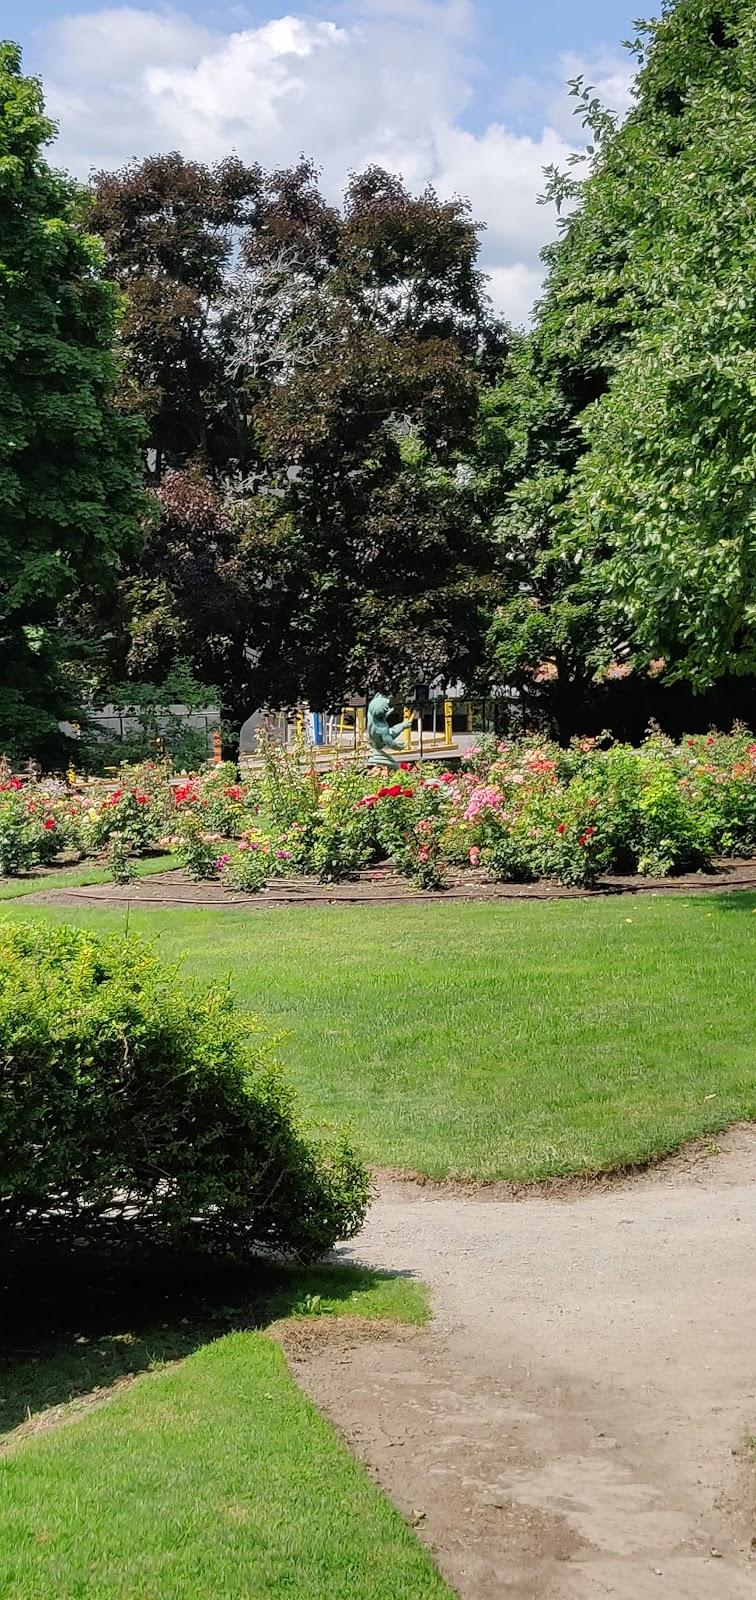 Fernhill Park   park   144 Fernhill Blvd, Oshawa, ON L1J 5J3, Canada   9054363311 OR +1 905-436-3311